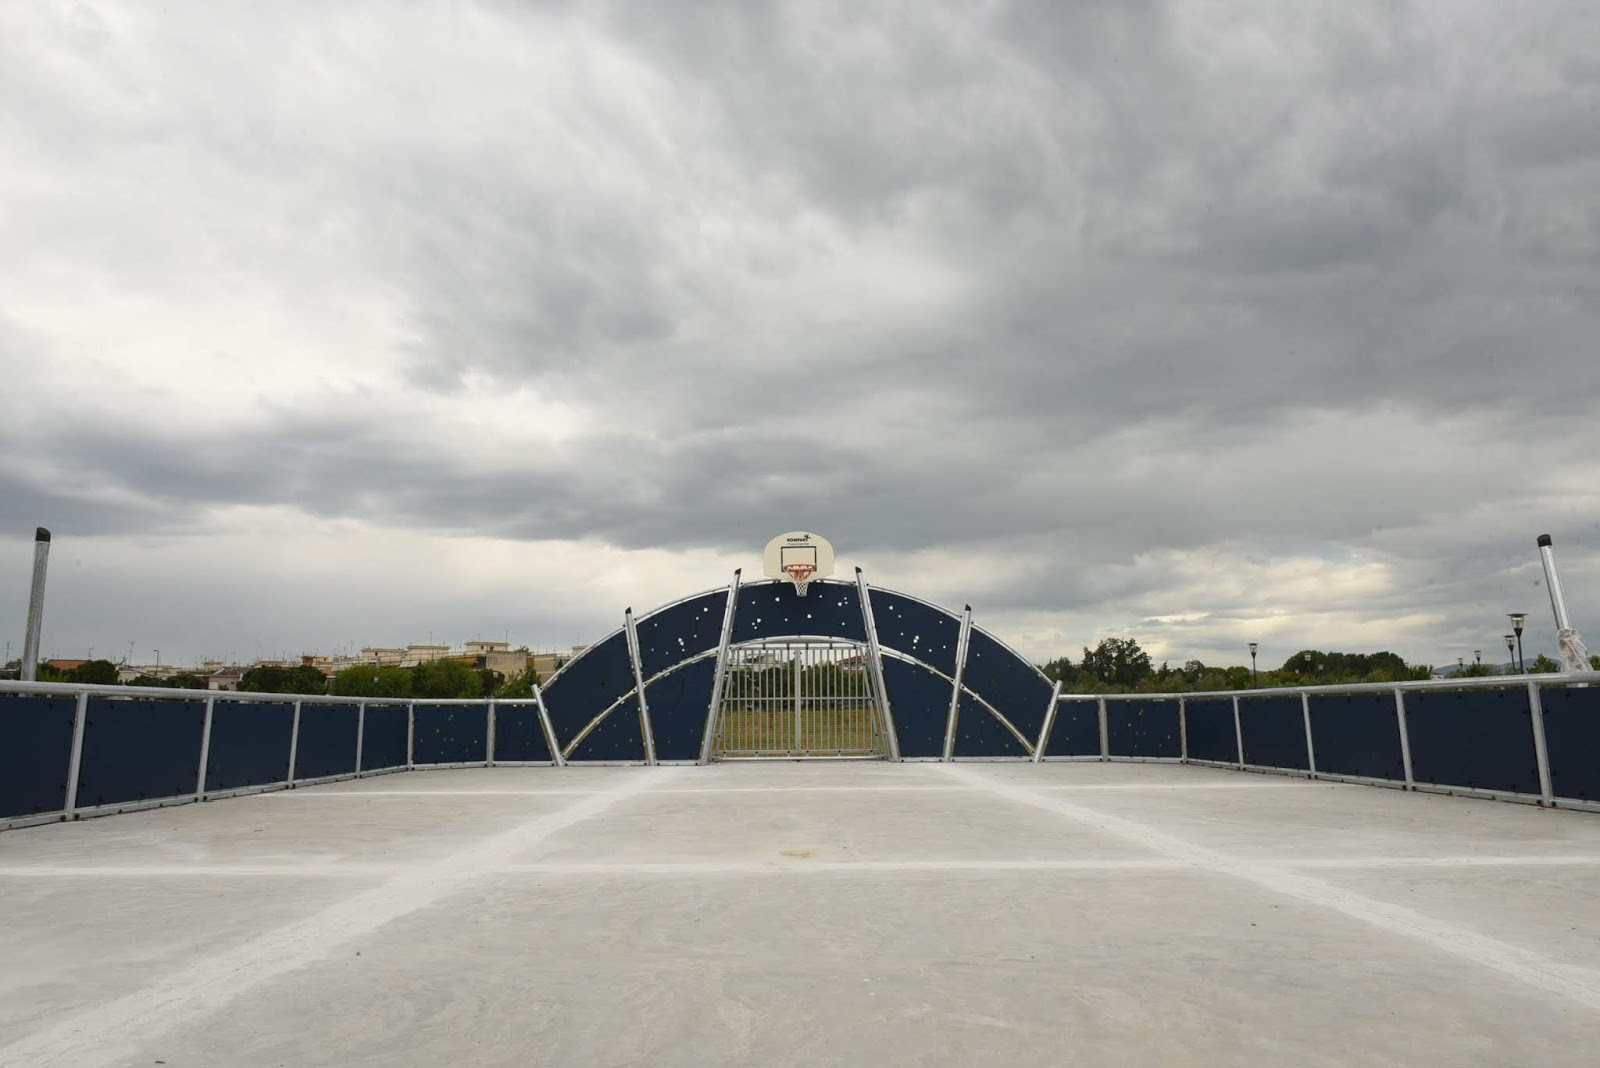 Με τον Θοδωρή Παπαλουκάς η παράδοση του πολυγηπέδου και της πίστας skate στο Πάρκο των Χρωμάτων